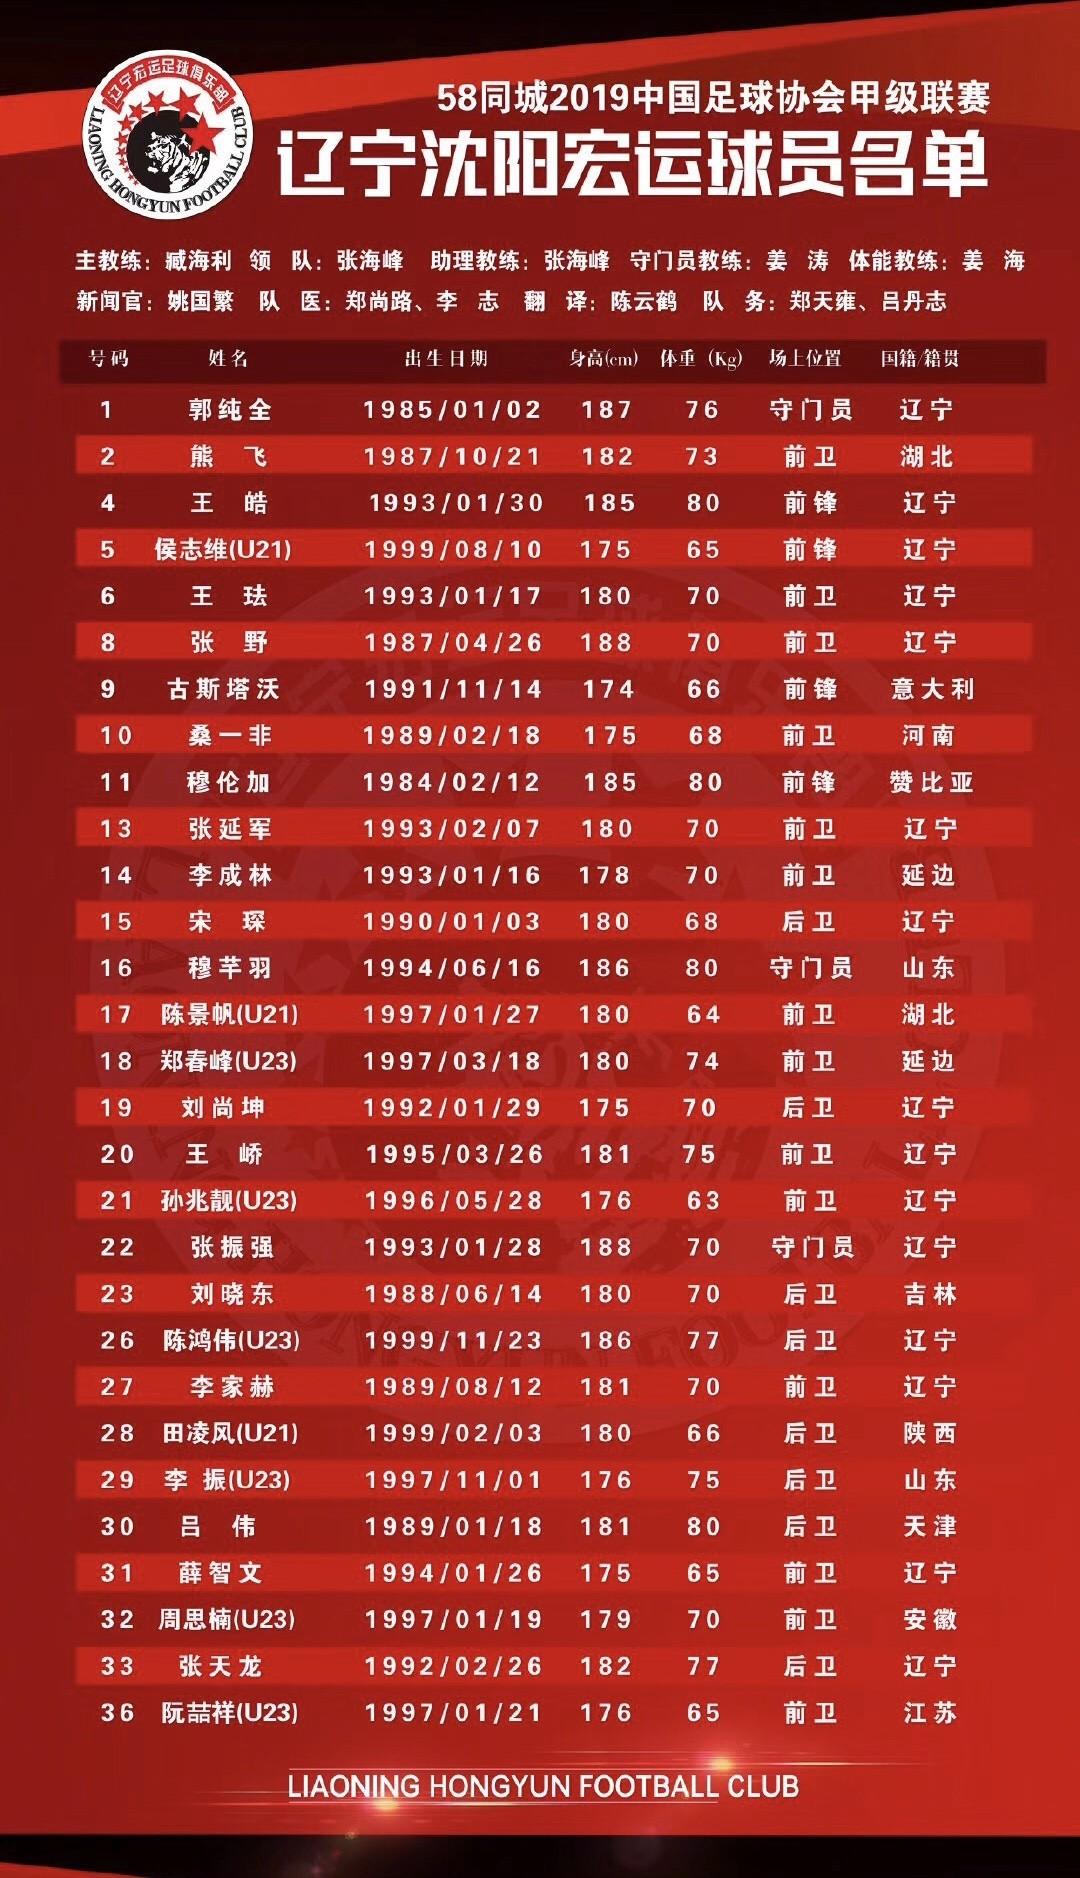 张野:辽足新赛季将给予更